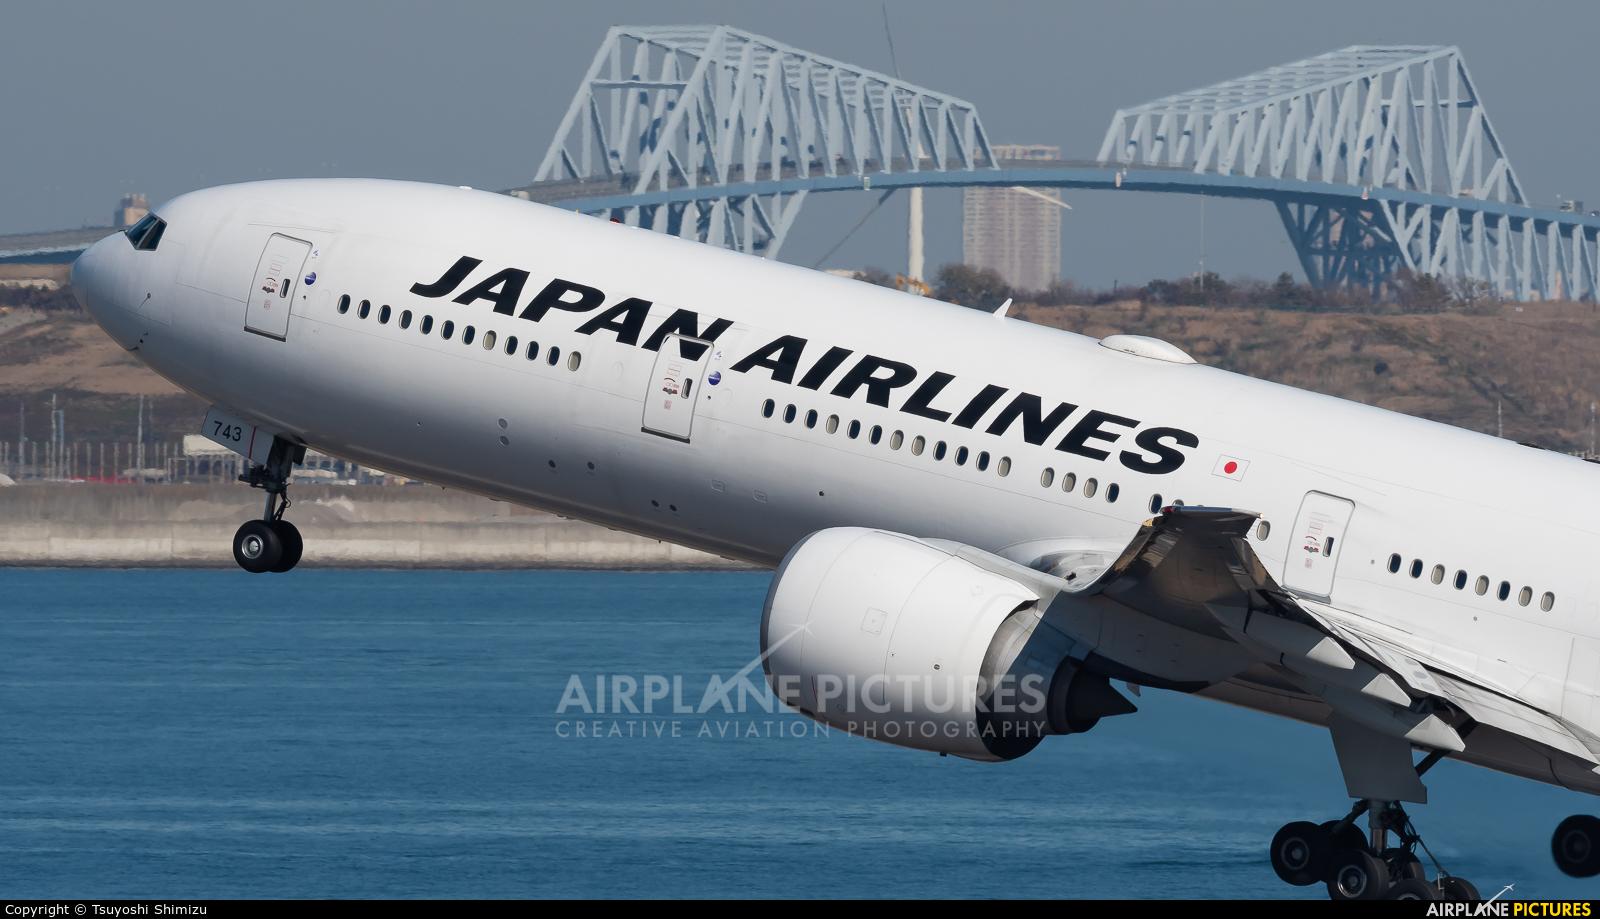 JAL - Japan Airlines JA743J aircraft at Tokyo - Haneda Intl